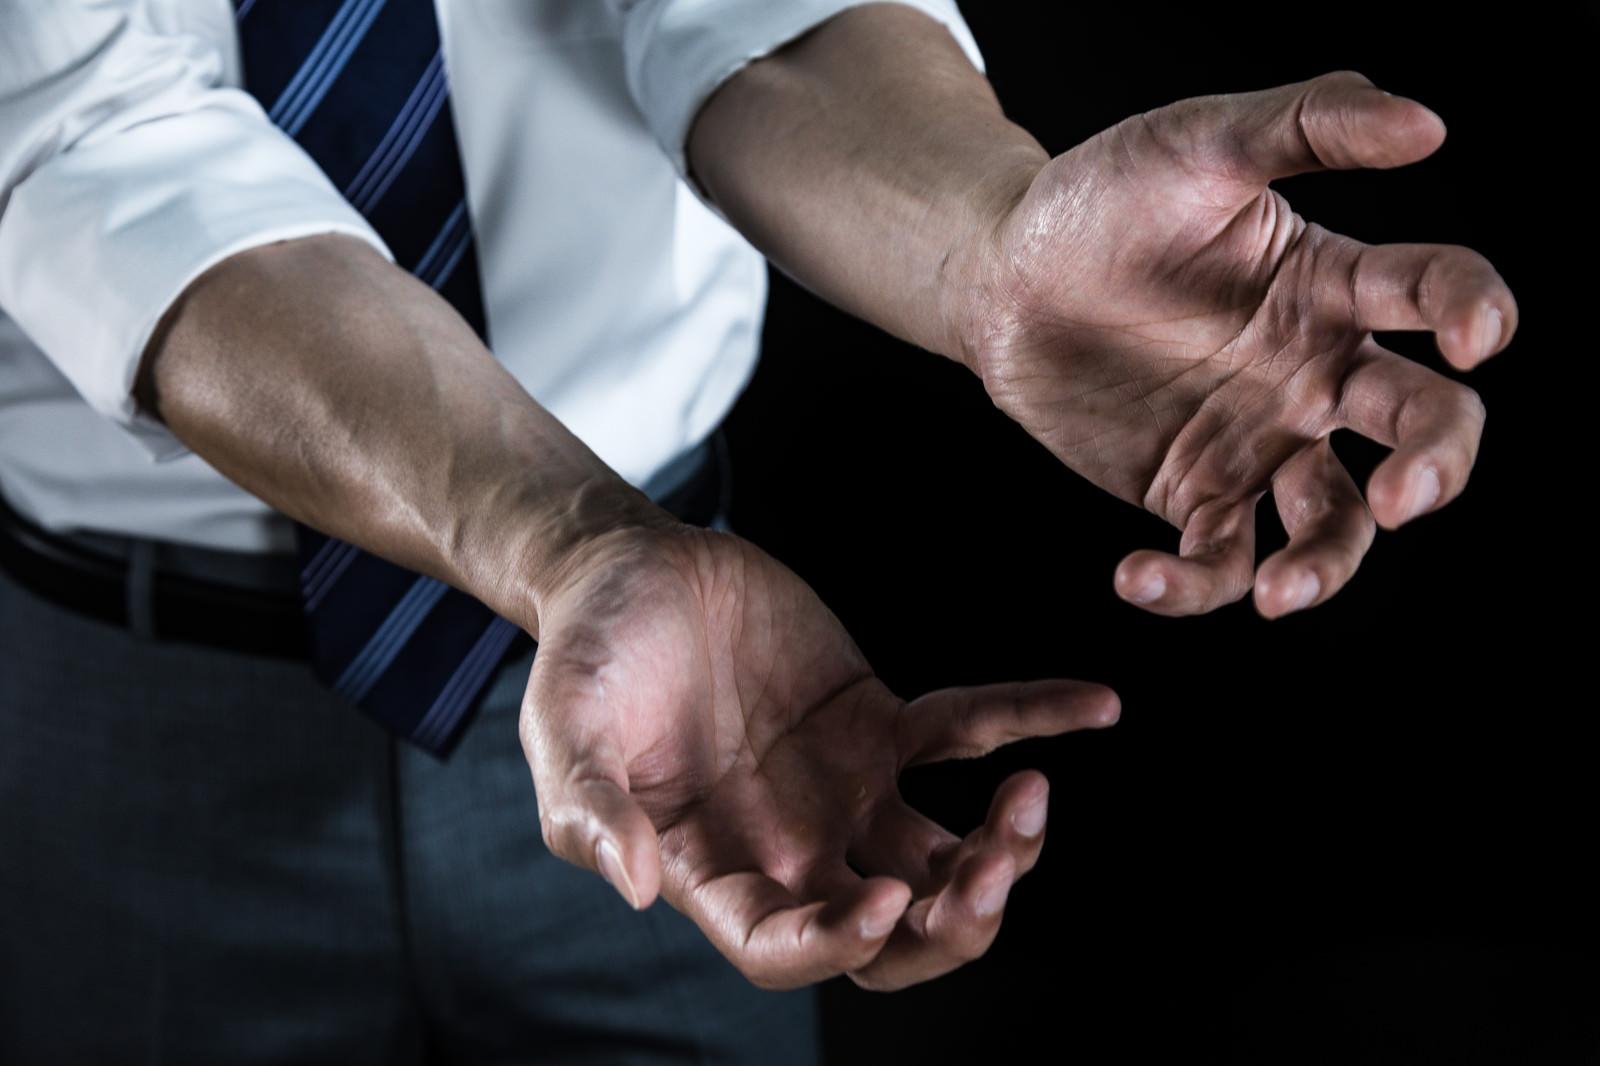 「「なんじゃこりゃあ!」が口ぐせの新米刑事の手 | 写真の無料素材・フリー素材 - ぱくたそ」の写真[モデル:大川竜弥]